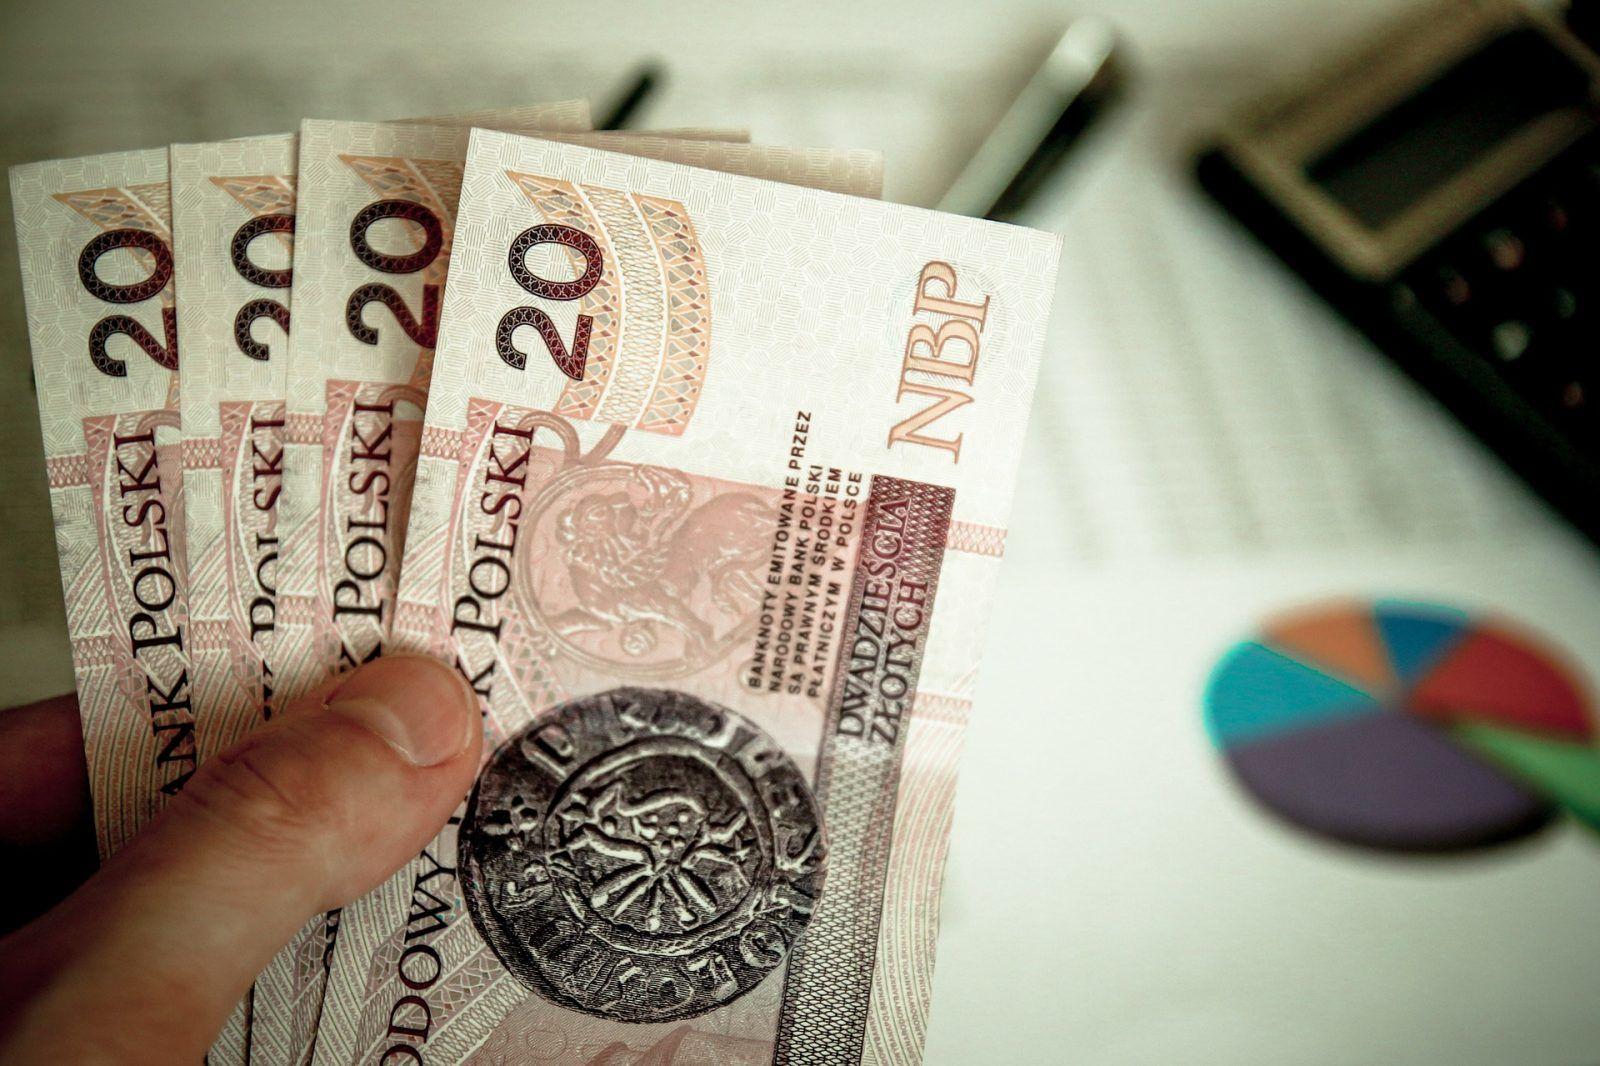 Chcesz prowadzić firmę? Może skorzystasz z dotacji z urzędu pracy?